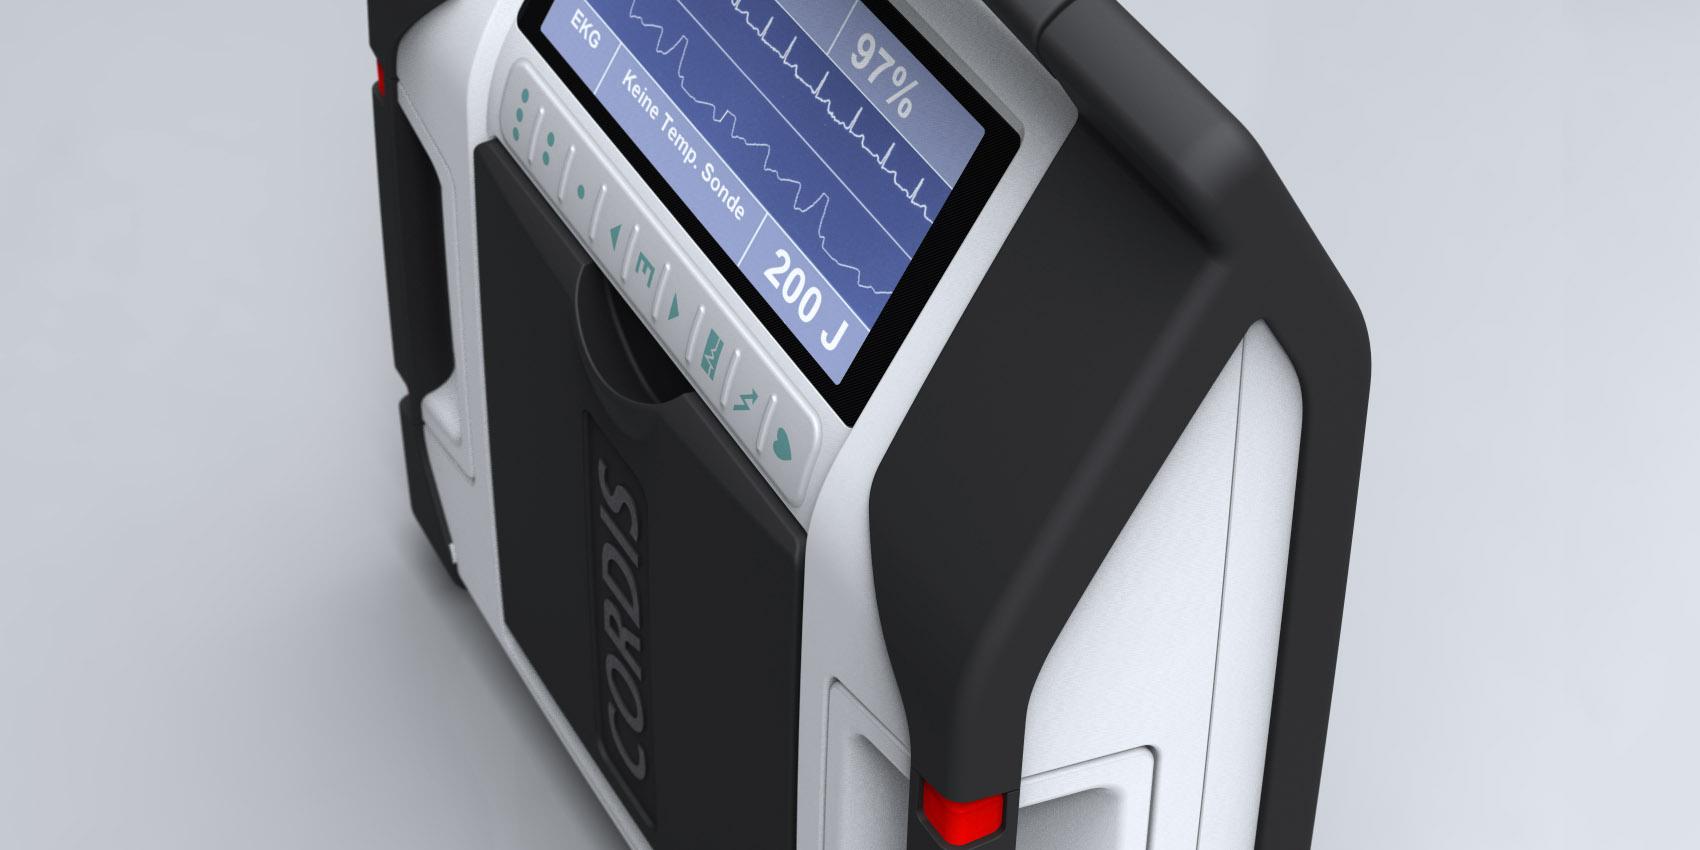 Hsd Studie Defibrilator 04.jpg